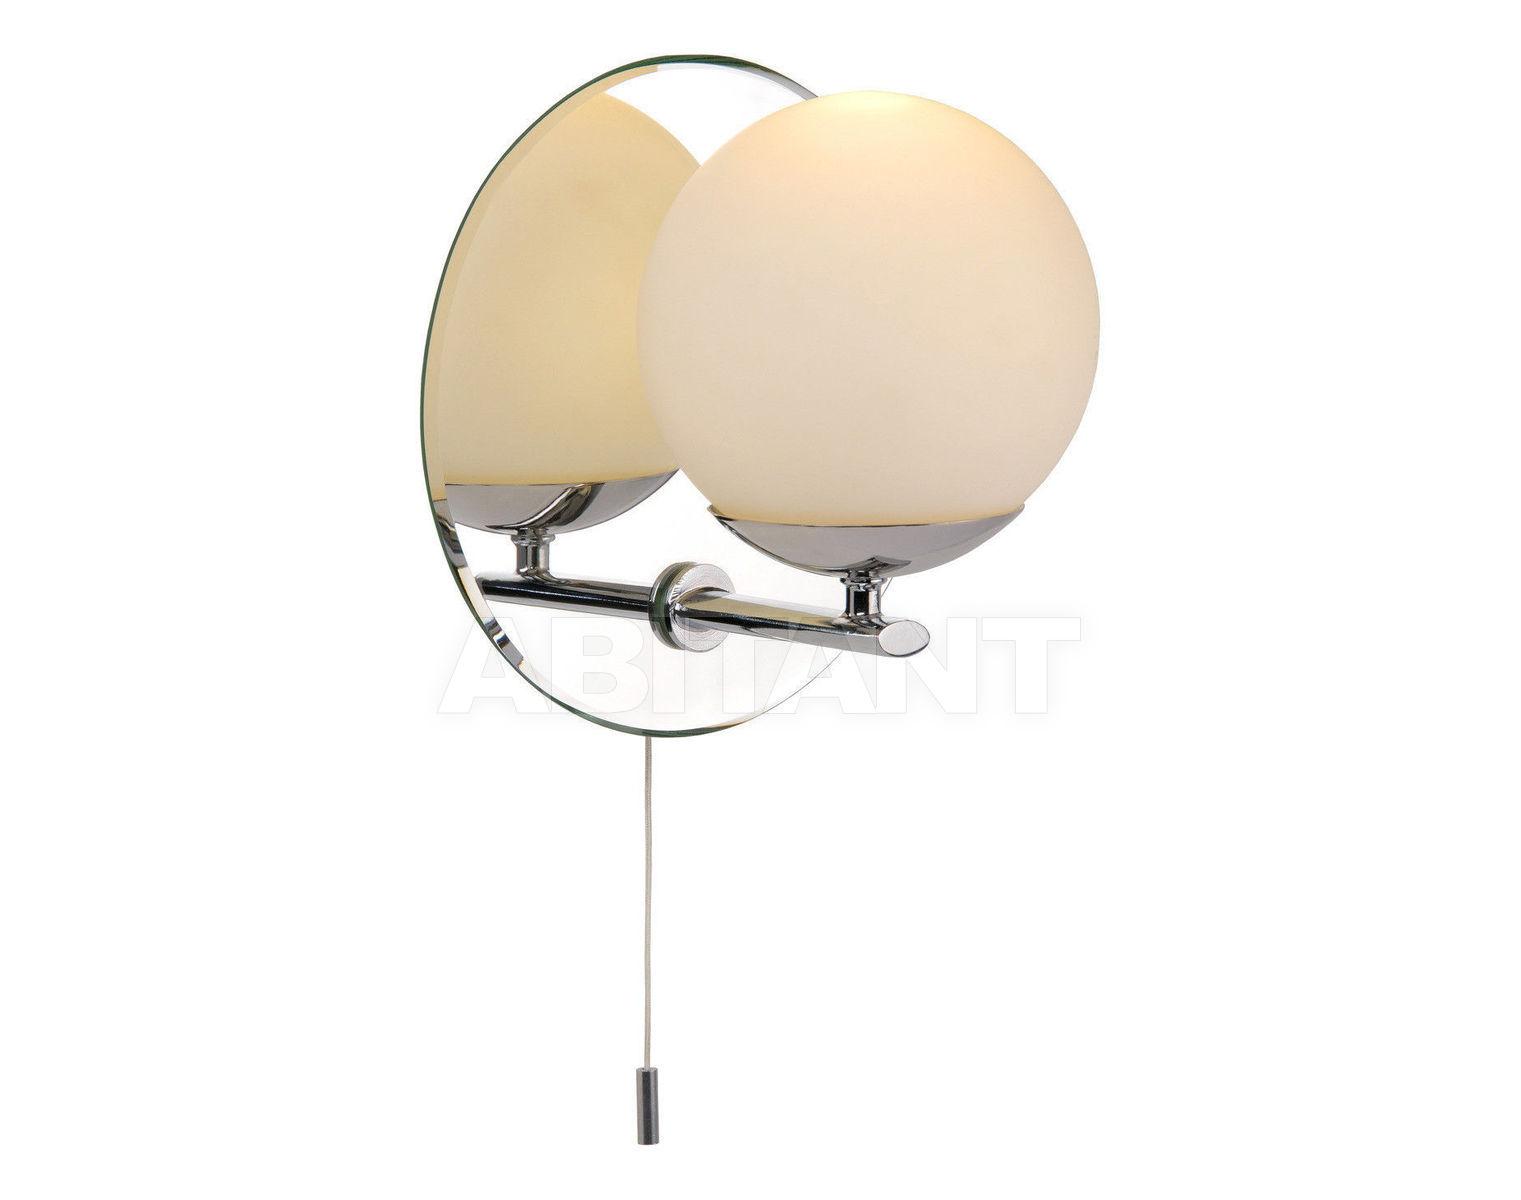 Купить Светильник настенный SMILY Lucide  Bathroom 12238/01/11